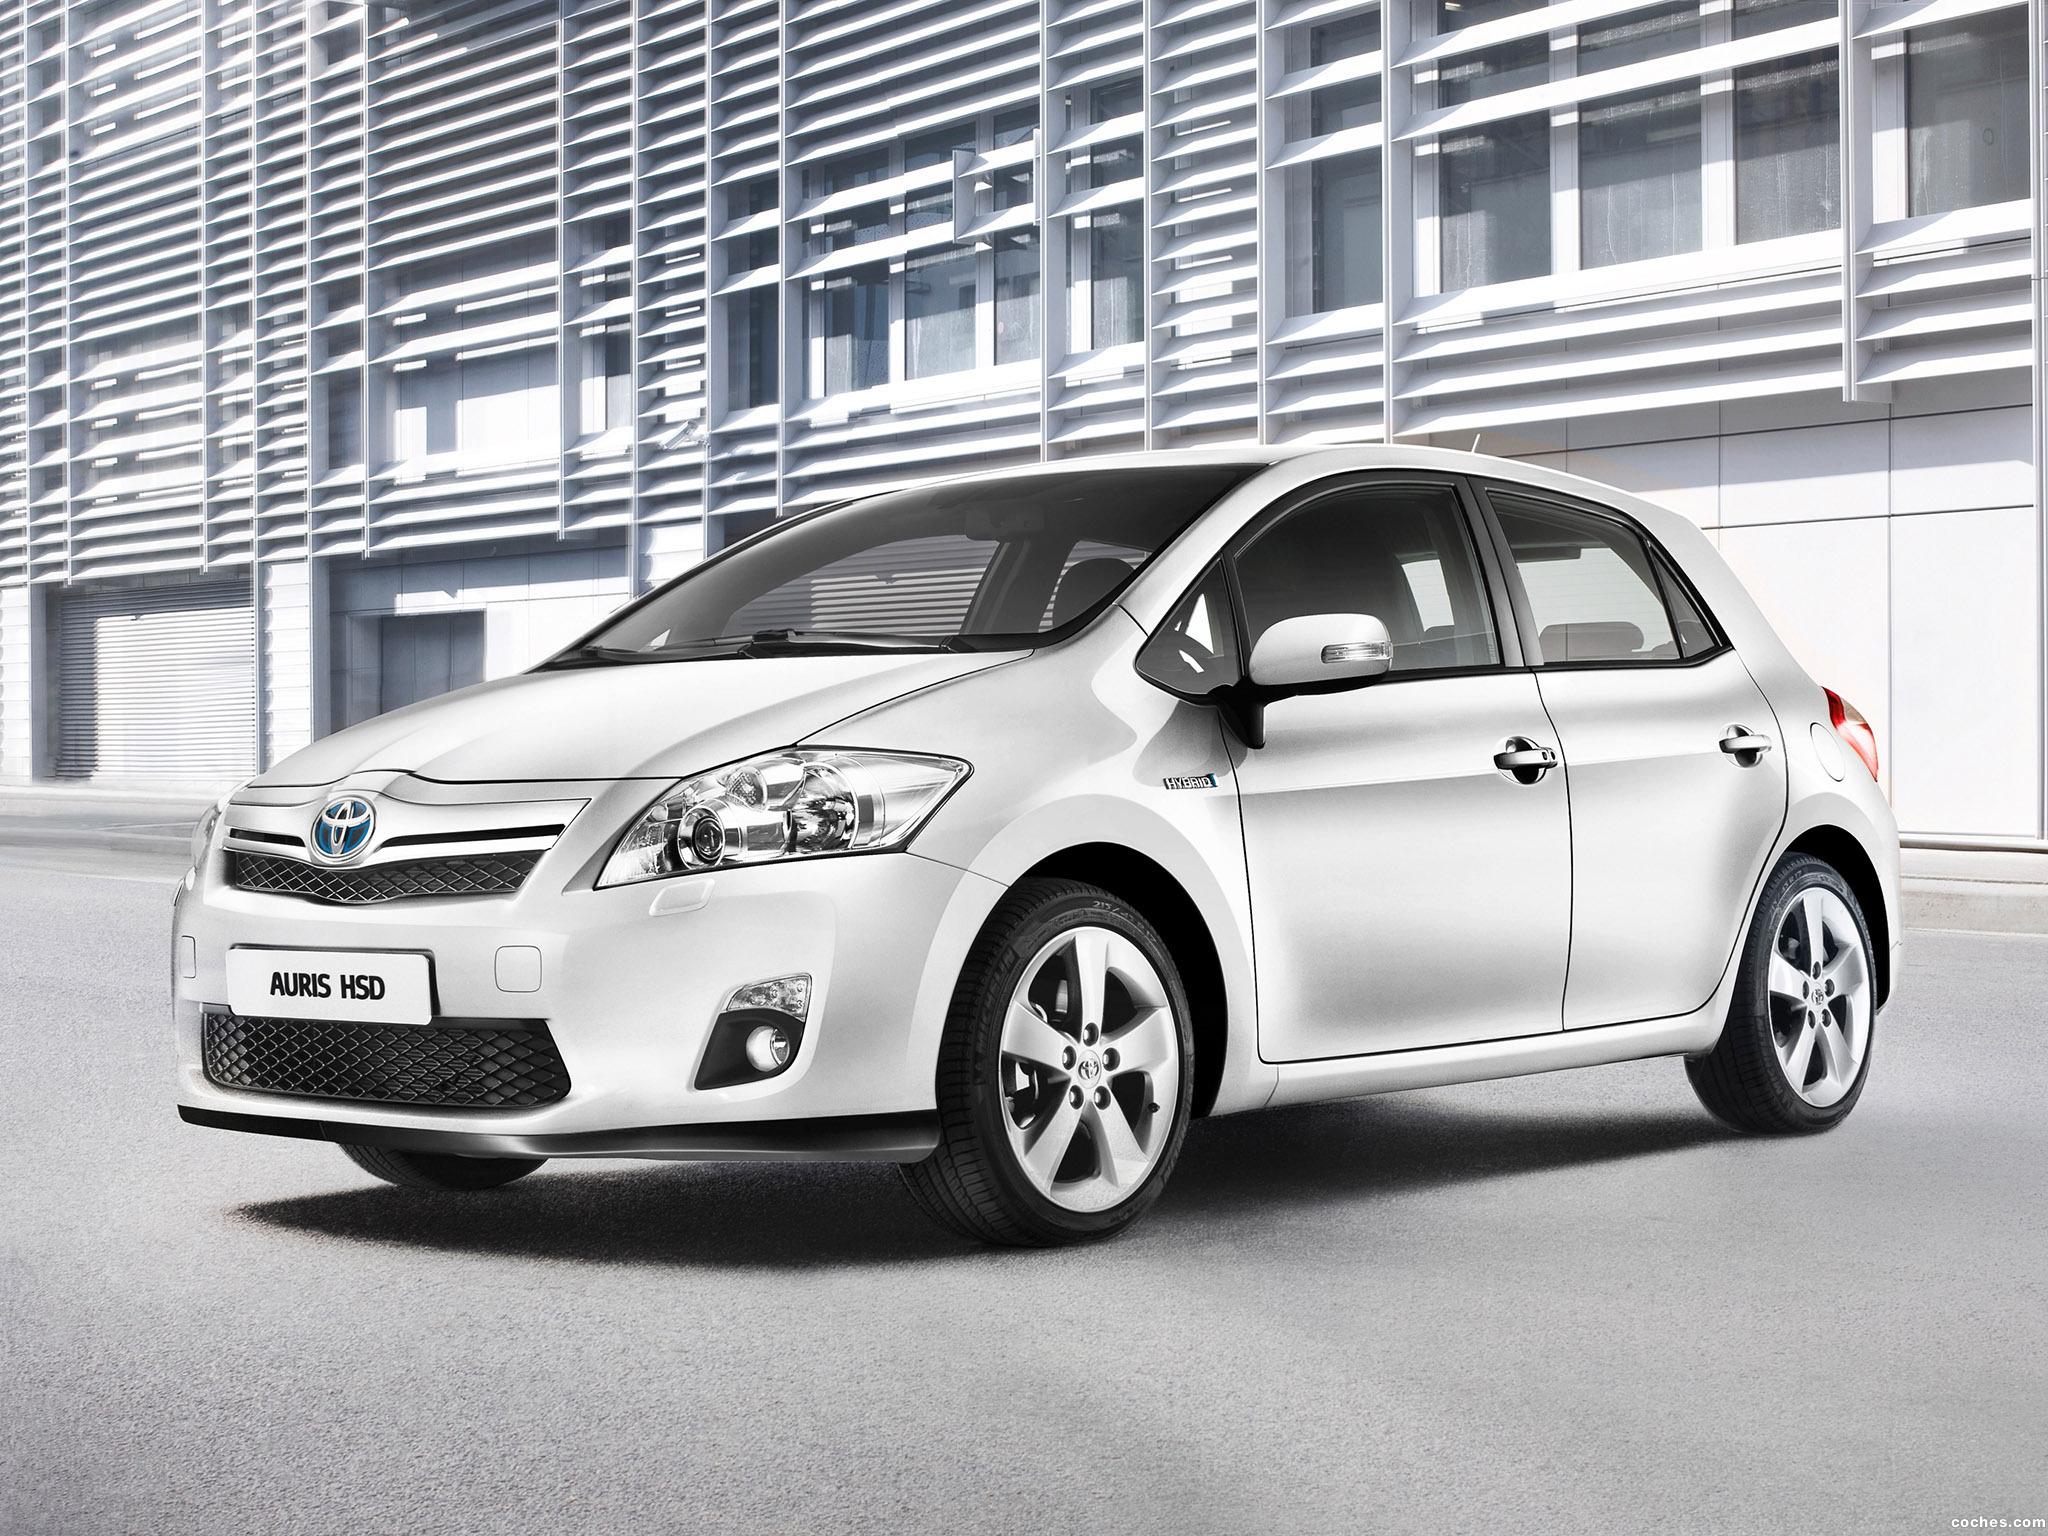 Foto 0 de Toyota Auris HSD 2010